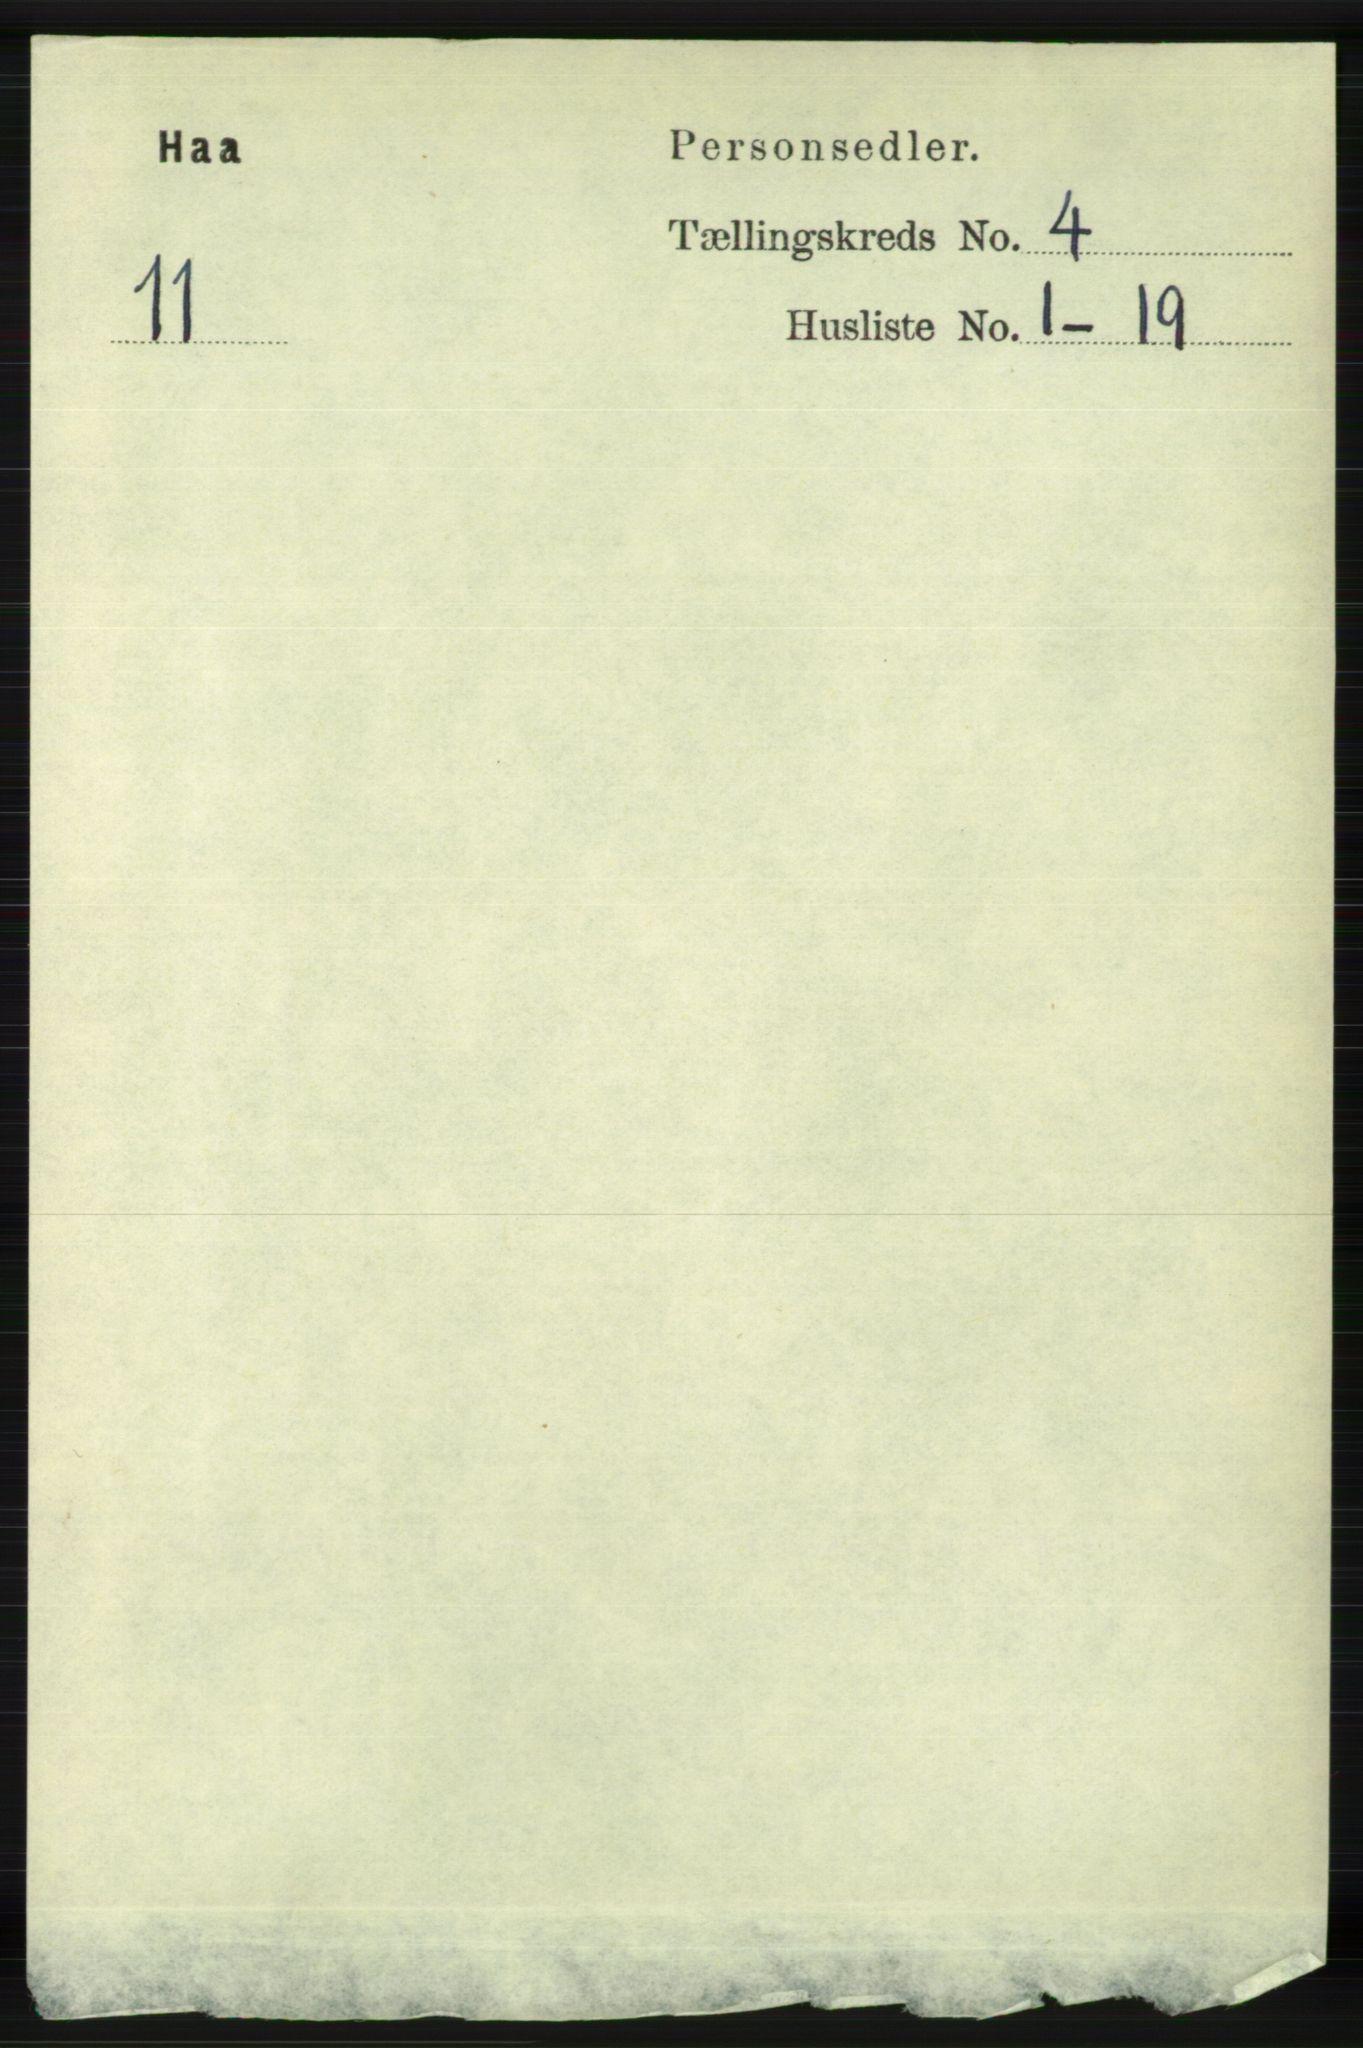 RA, Folketelling 1891 for 1119 Hå herred, 1891, s. 1049